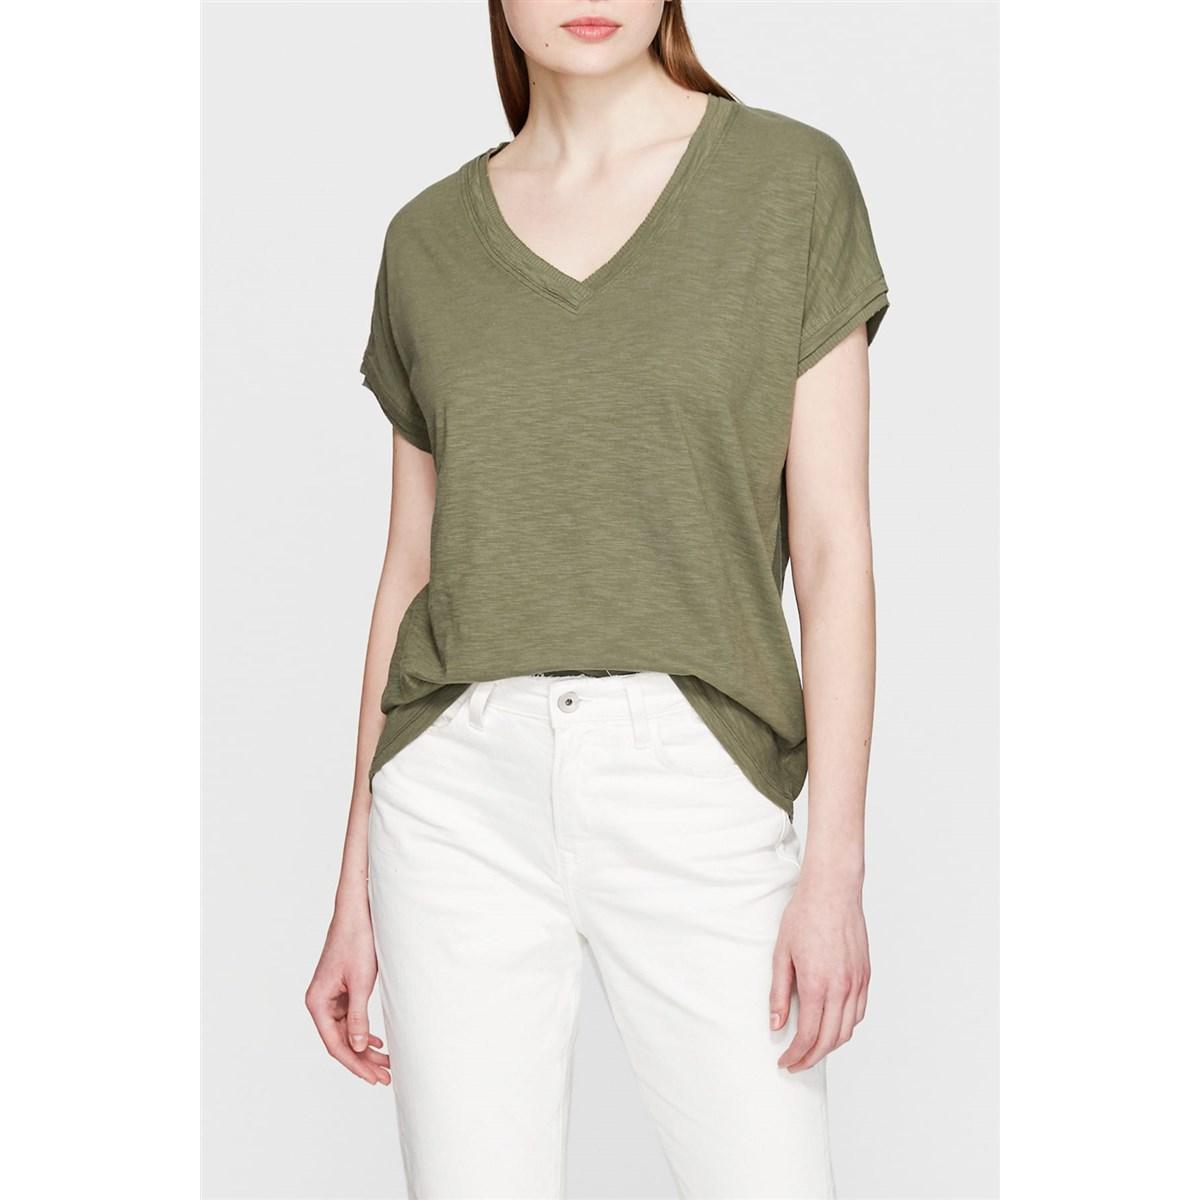 Mavi V Yaka Kadın Zeytin Yeşili Basic Tişört